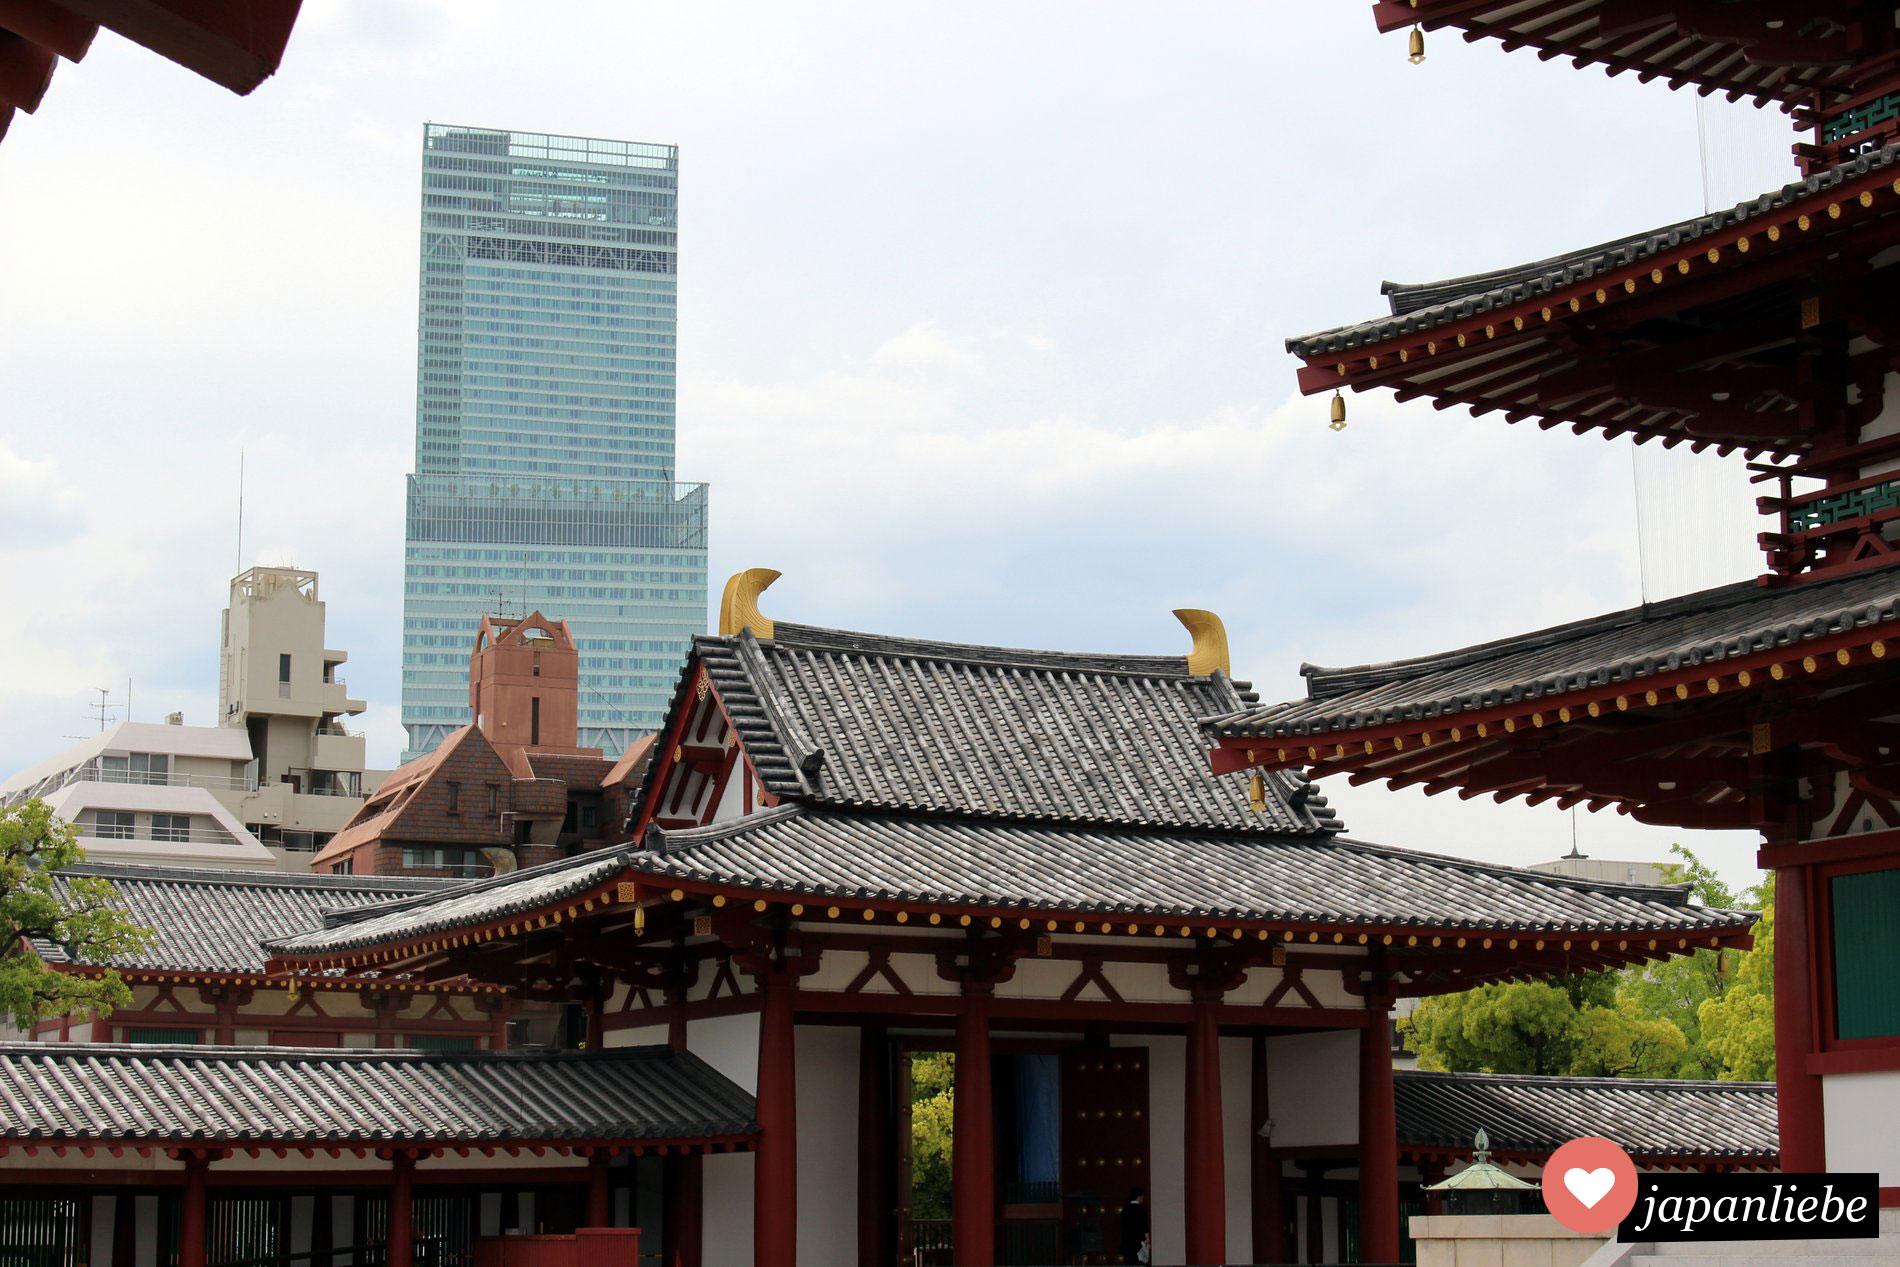 Der Shittenoji Tempel in Osaka liegt mitten in der Stadt